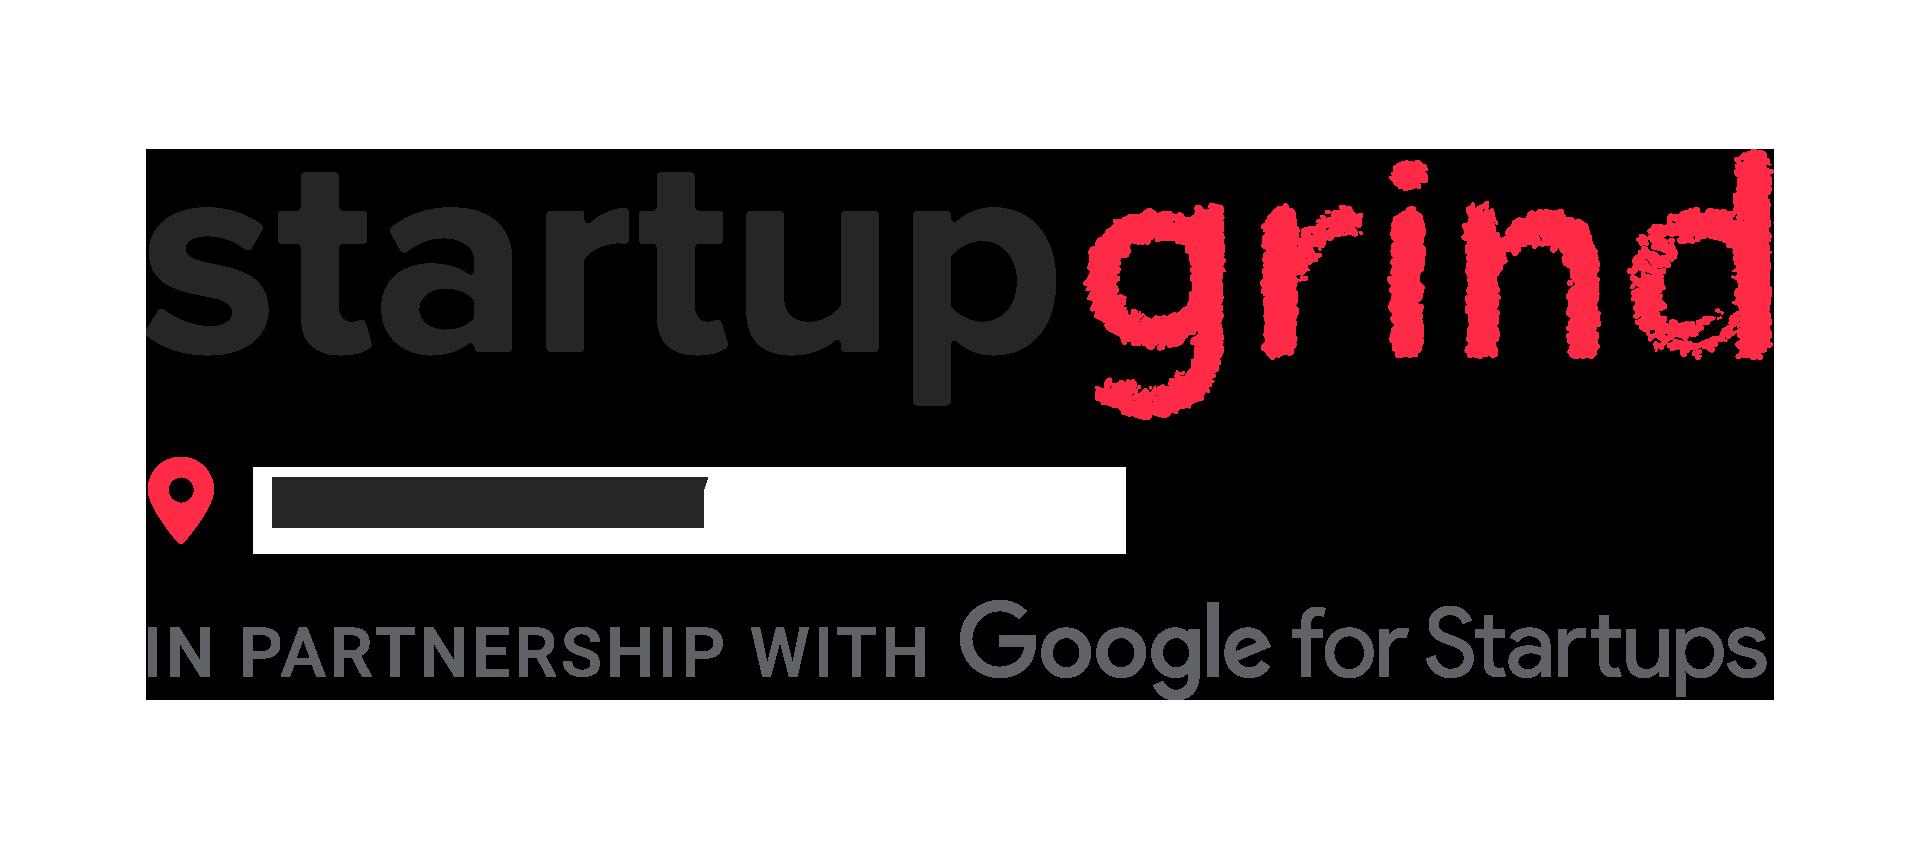 [特拉维夫]Startup Grind-TELAVIV.png